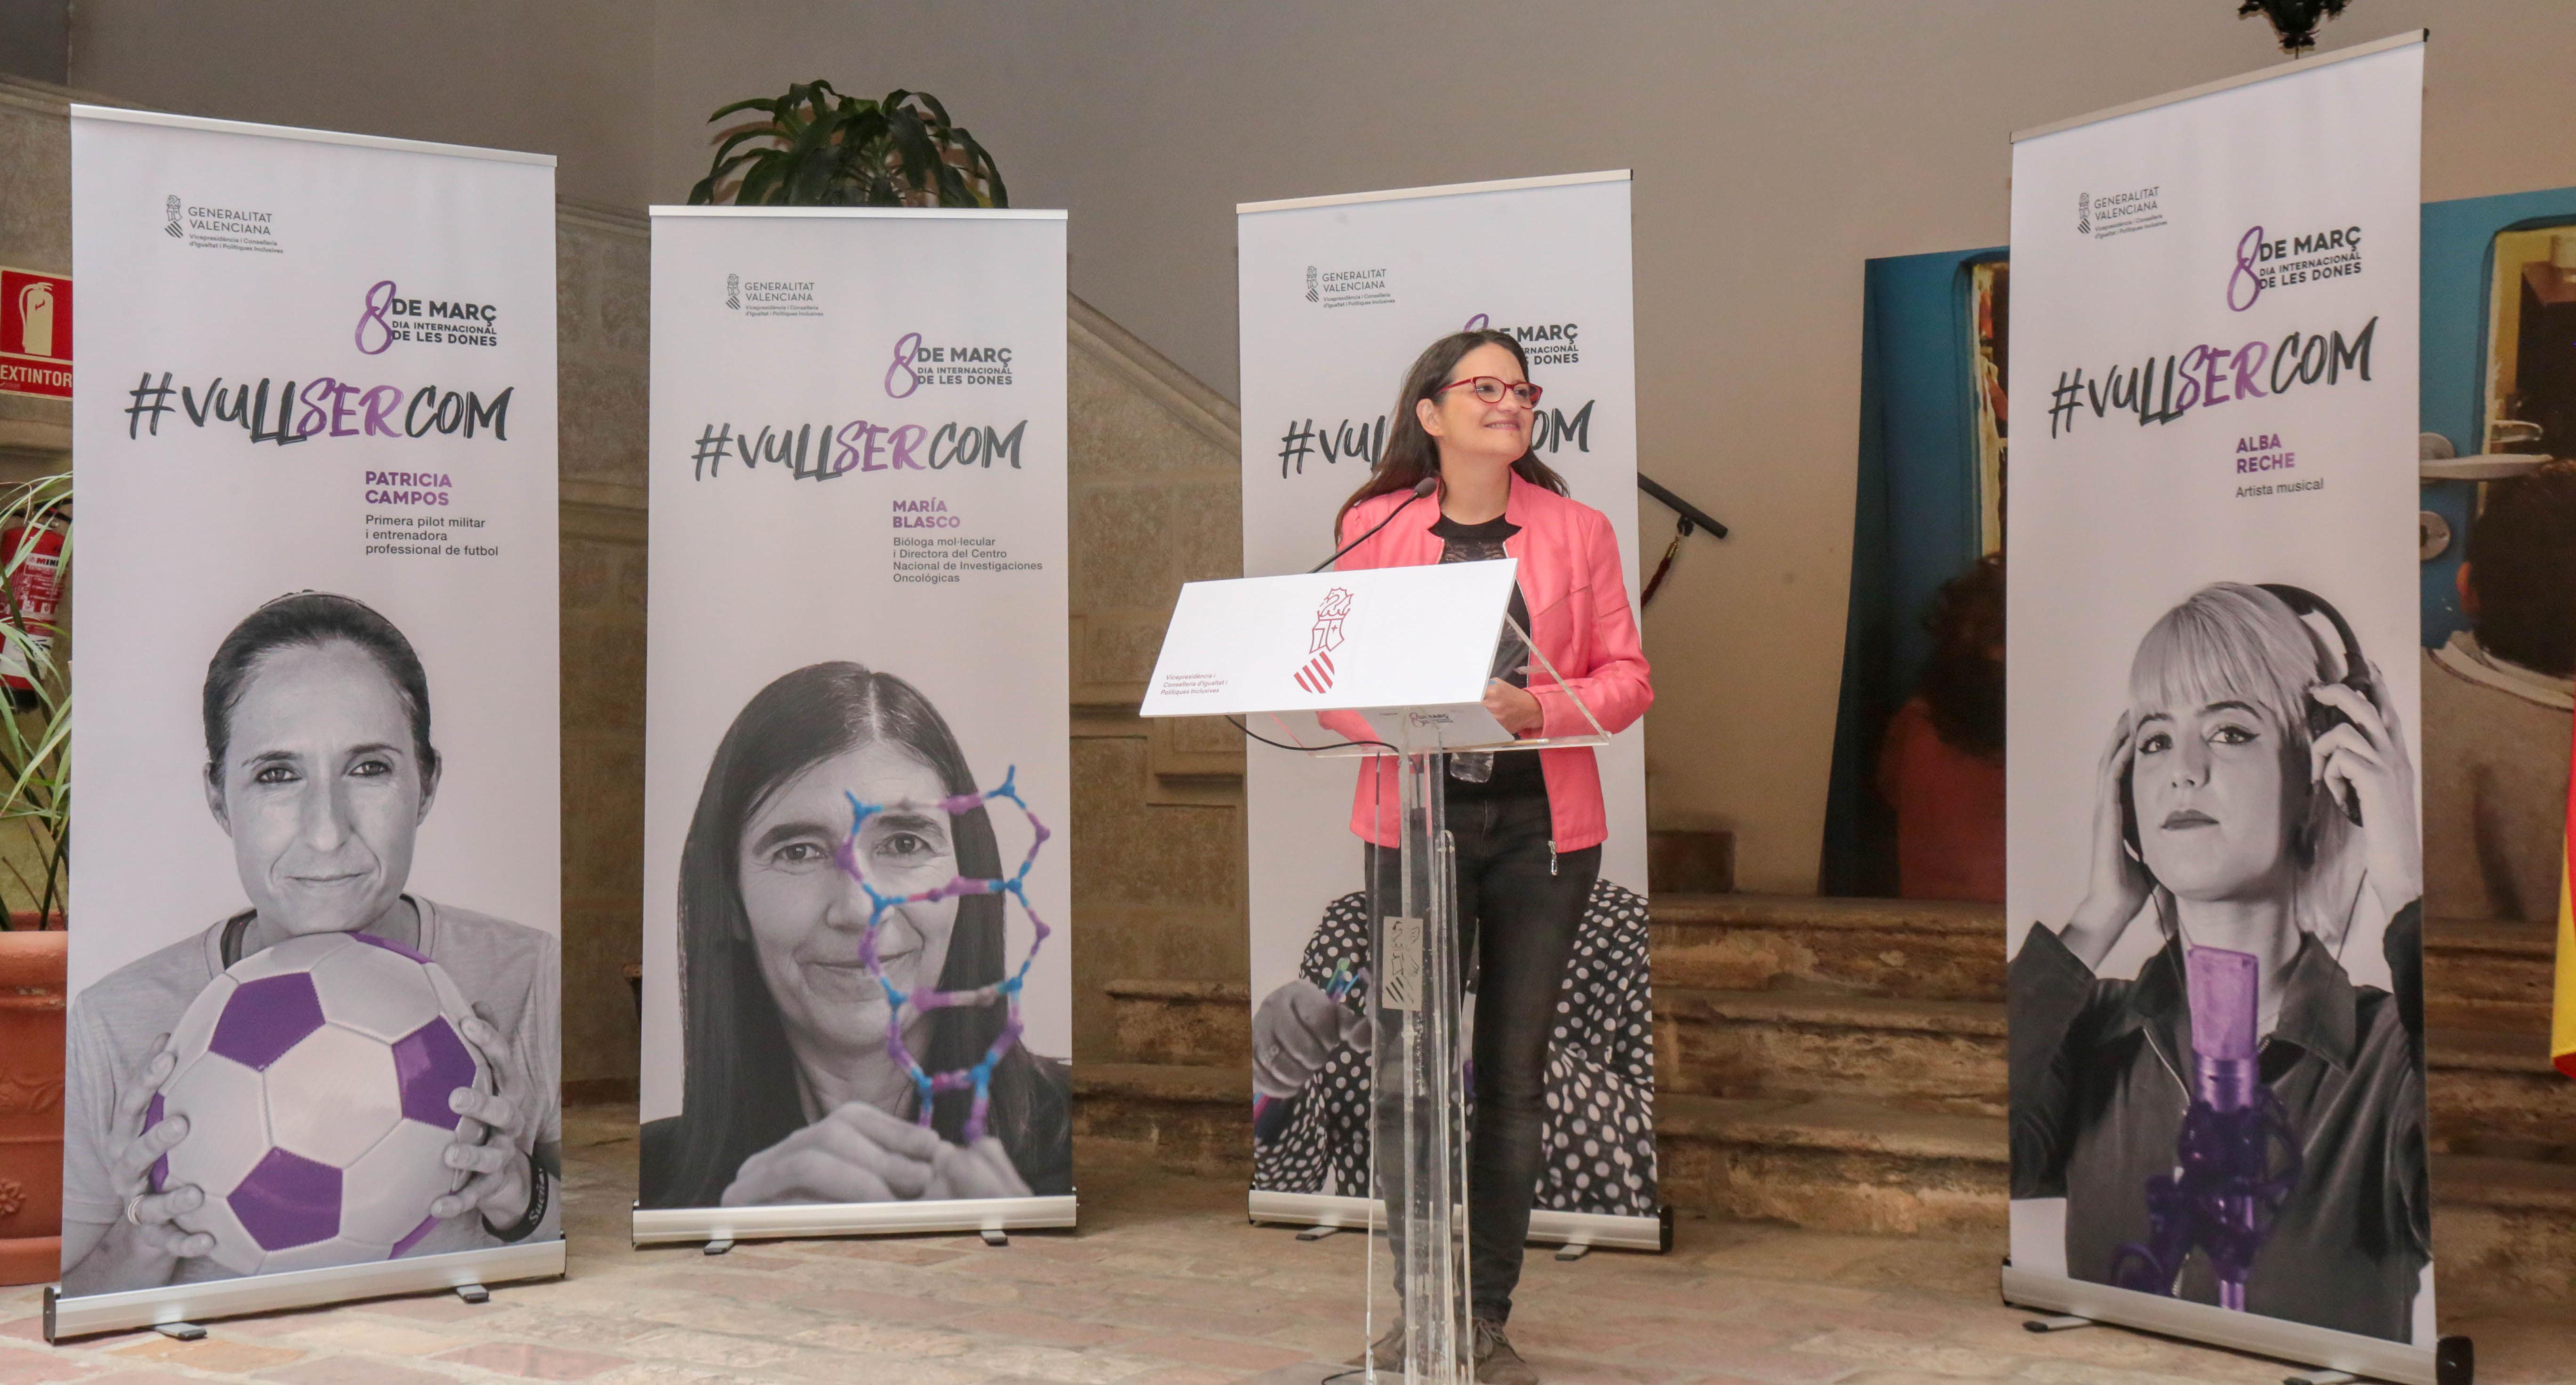 Oltra presenta una campanya del 8M que visualitza dones referents en diferents camps i de diferents edats